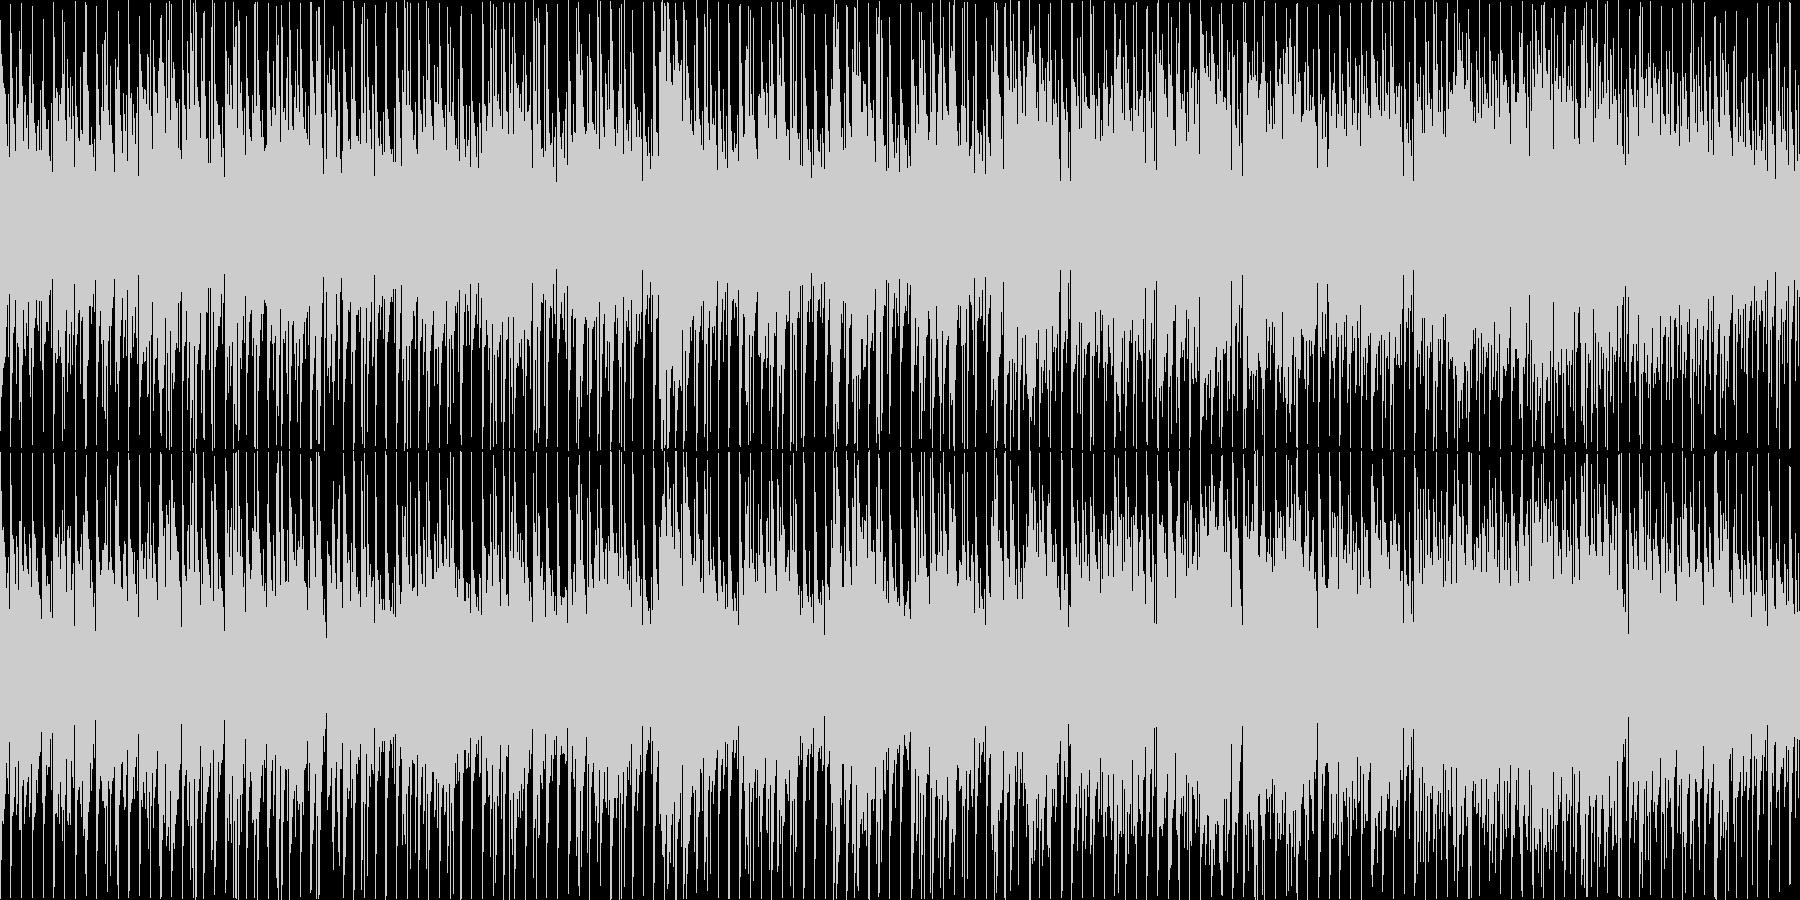 【ループ】爽やかで元気なギターインストの未再生の波形